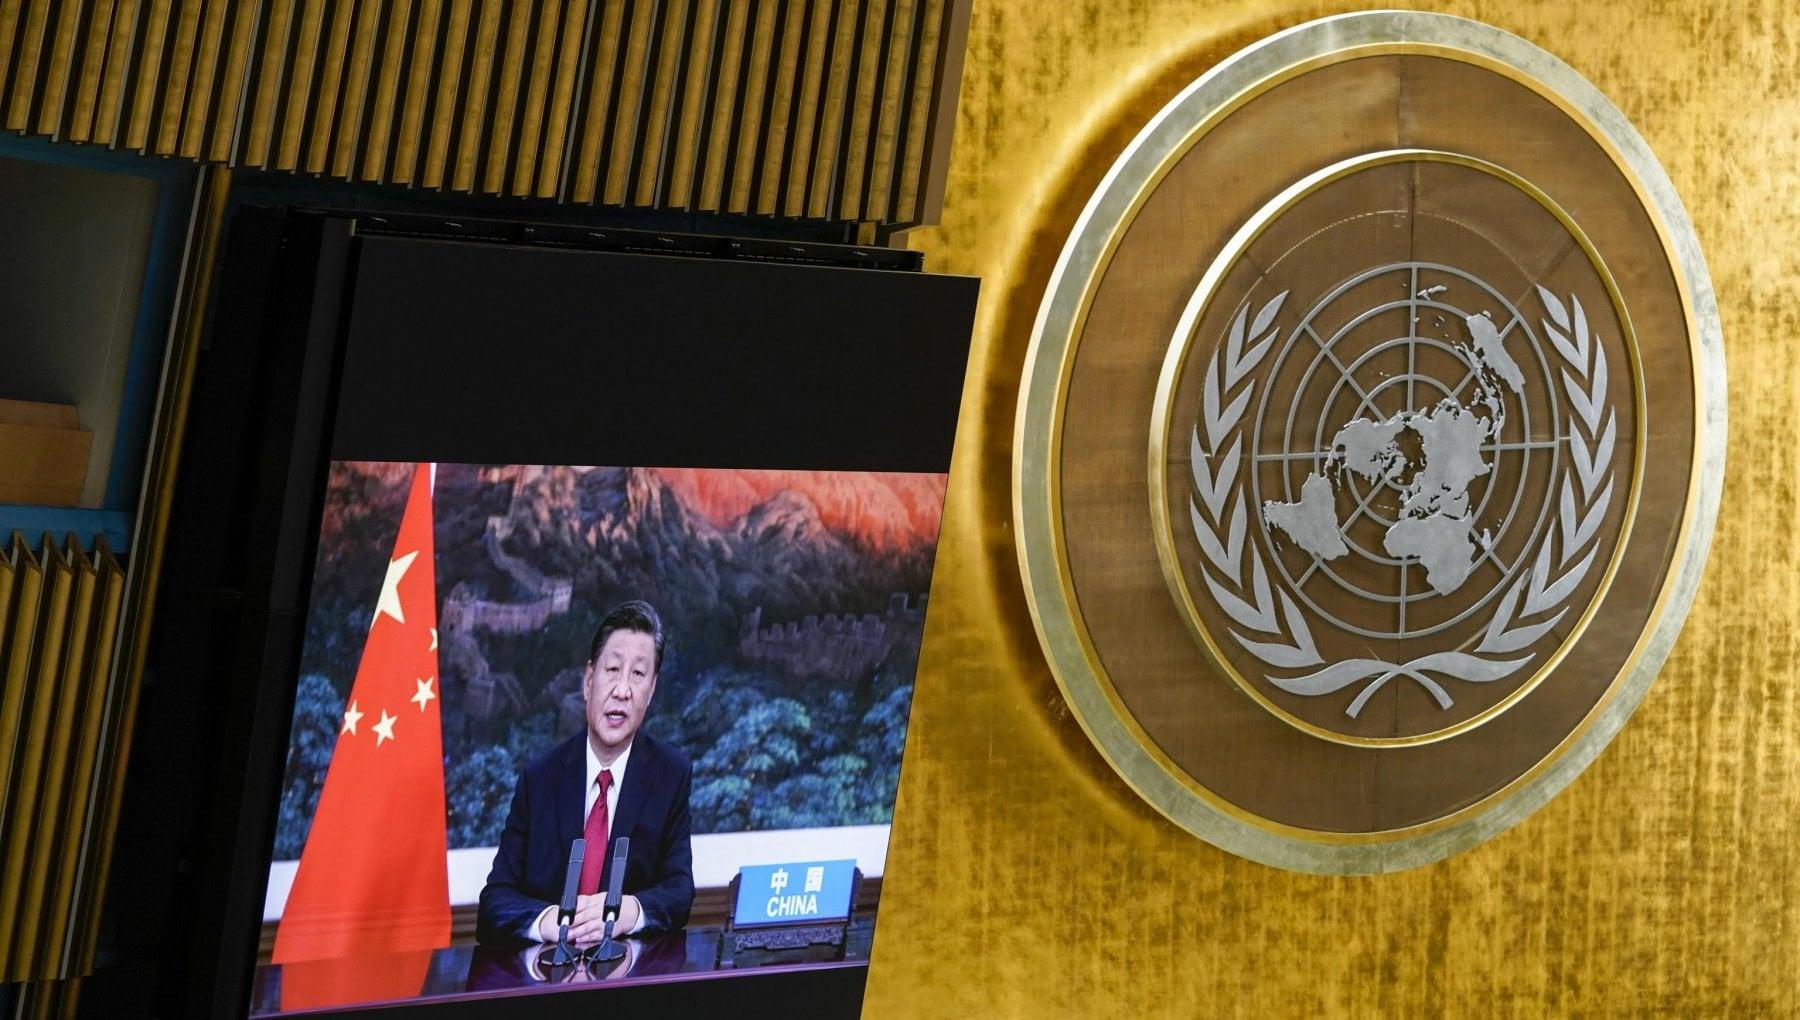 """185529612 0466c50c 0534 4f10 aa95 0d3c20486b00 - Pechino contro il summit Quad: """"No al ritorno del colonialismo"""""""